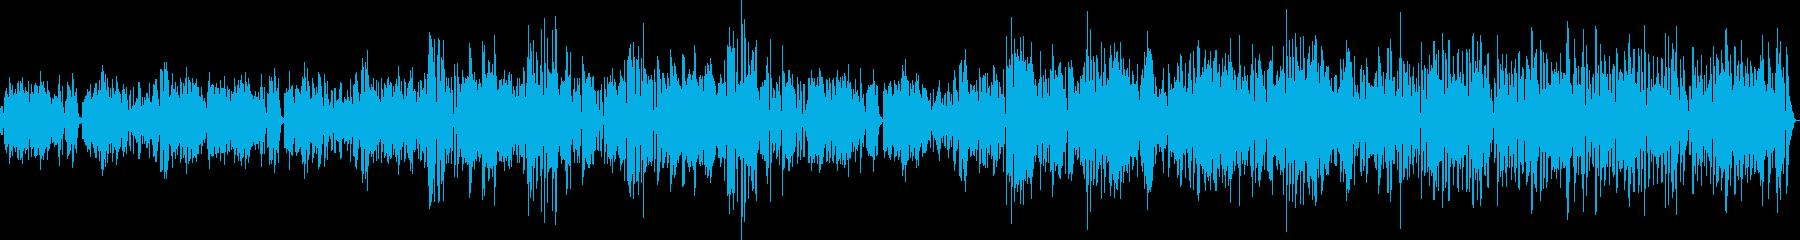 スコットジョプリン:グラジオラス・ラグの再生済みの波形